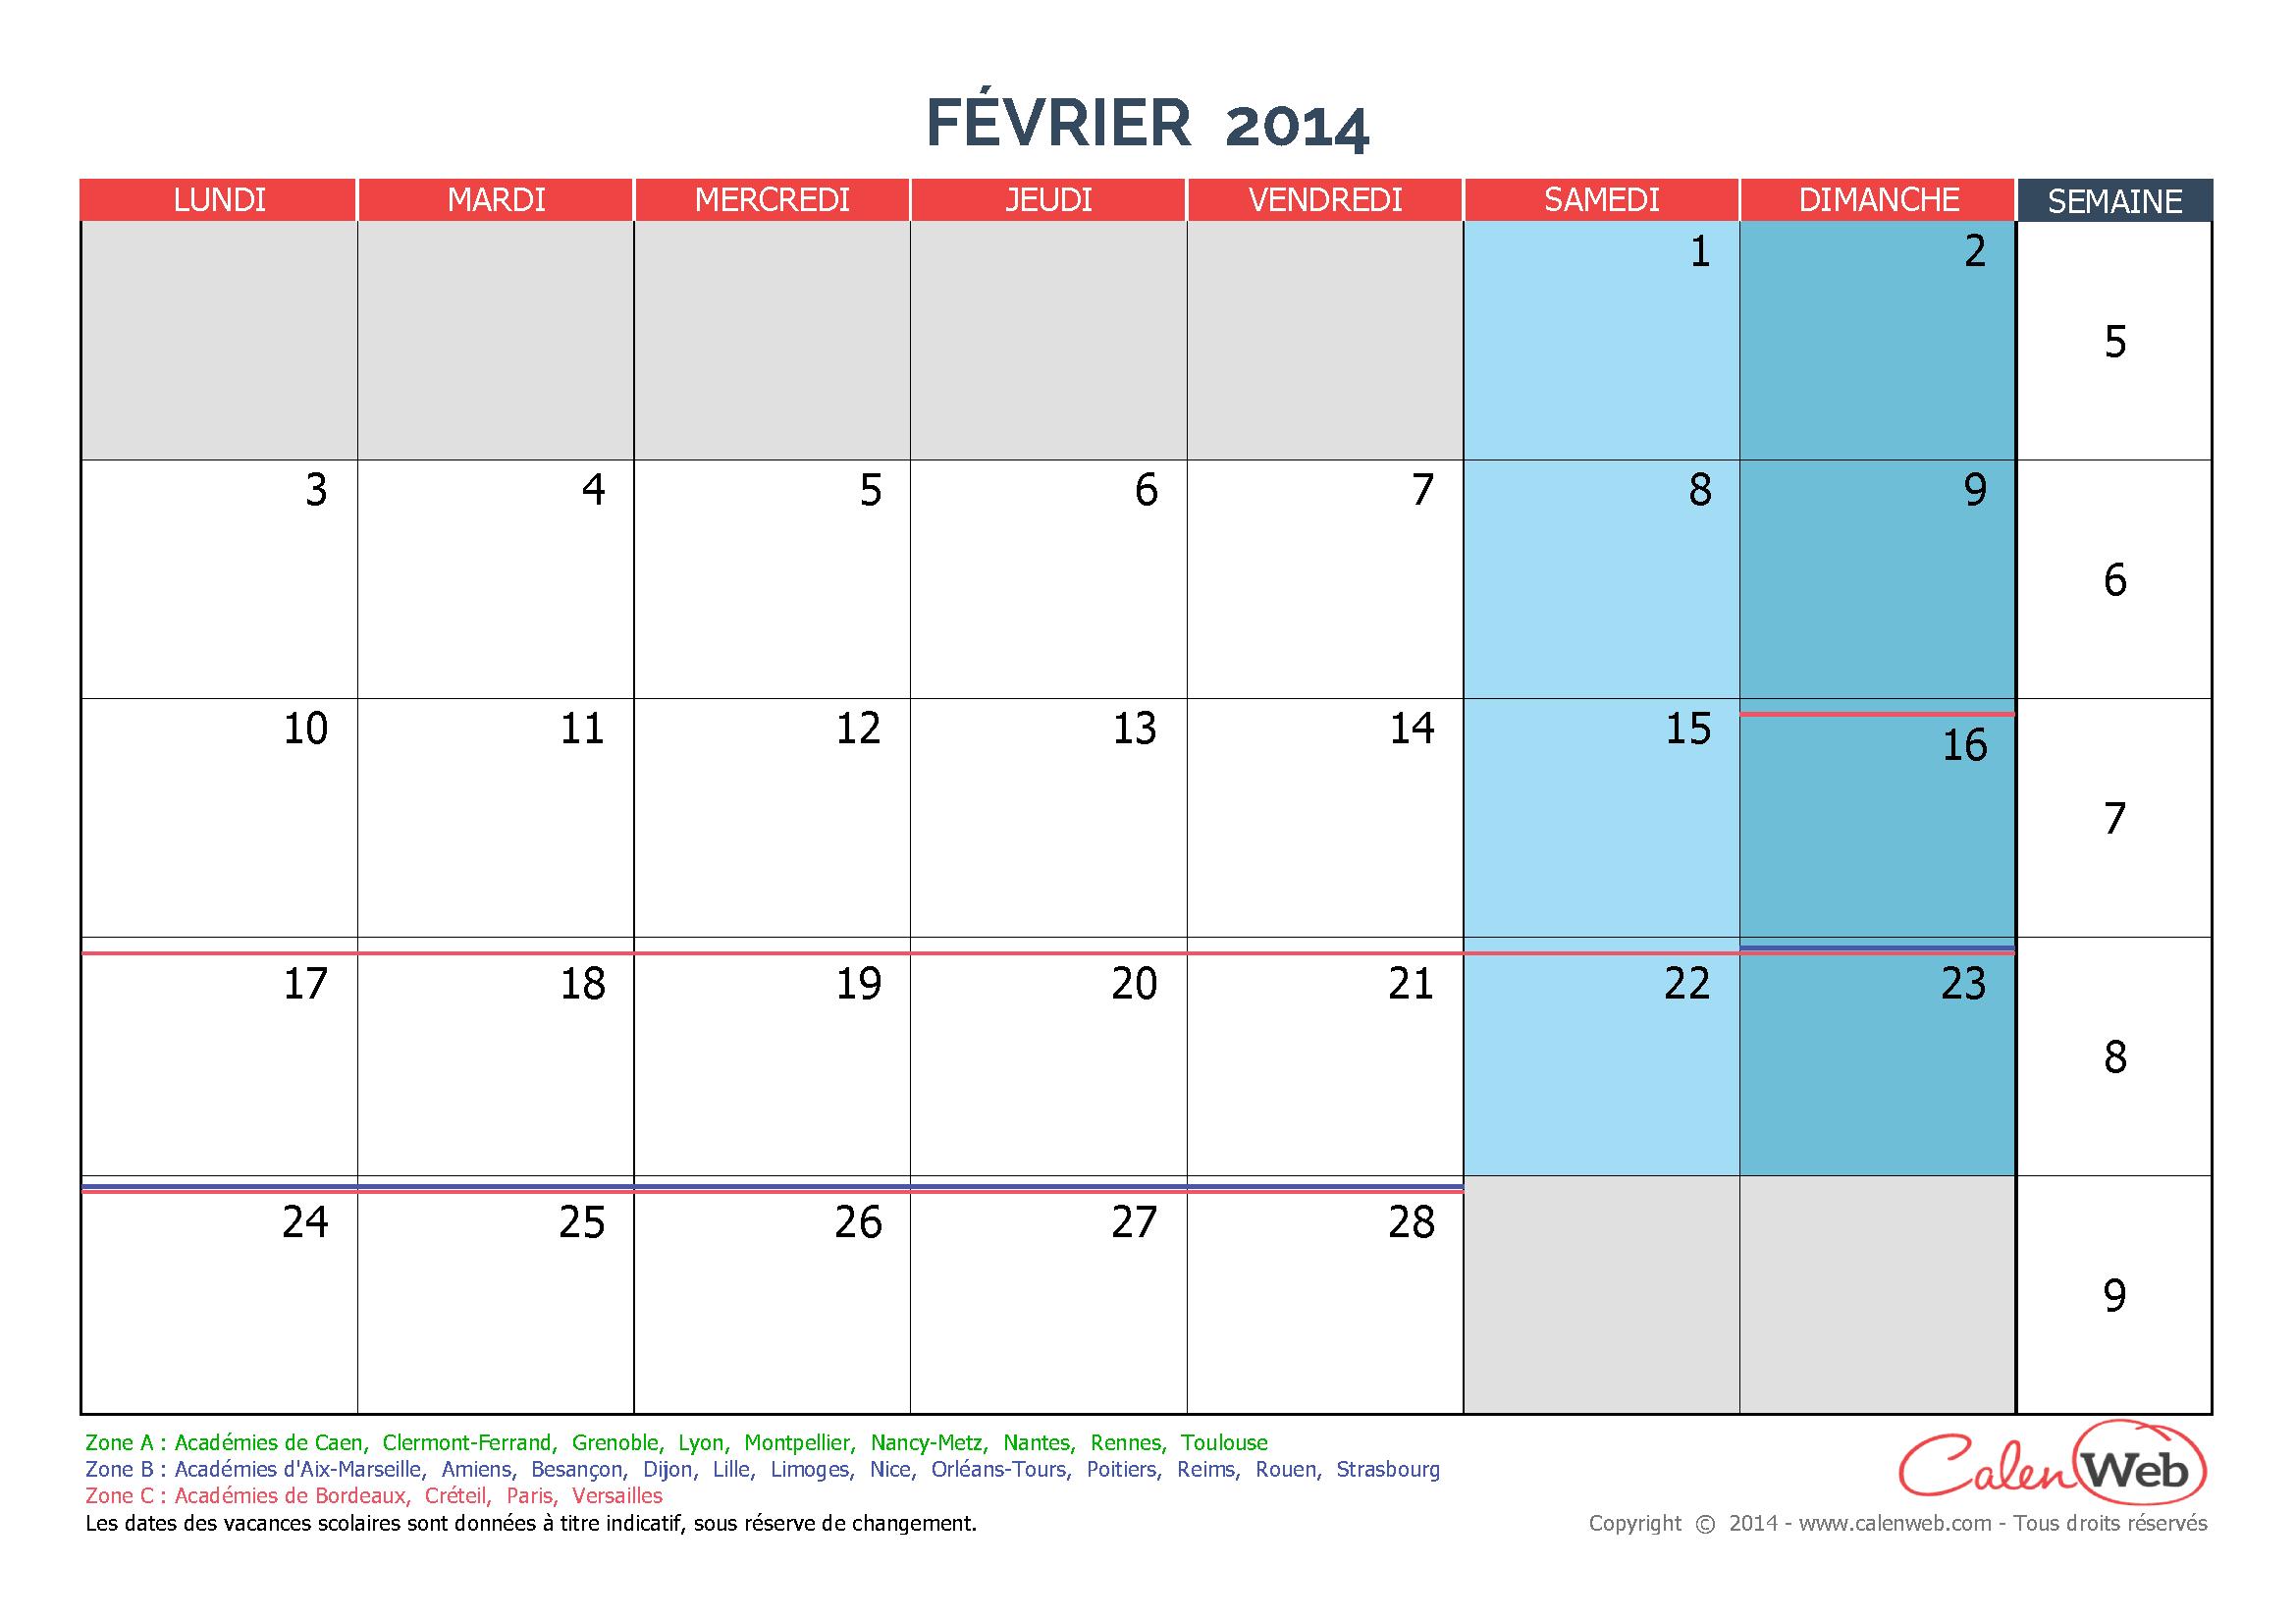 Calendrier Mensuel Mois De F Vrier 2014 Avec Jours F Ri S Et Vacances Scolaires